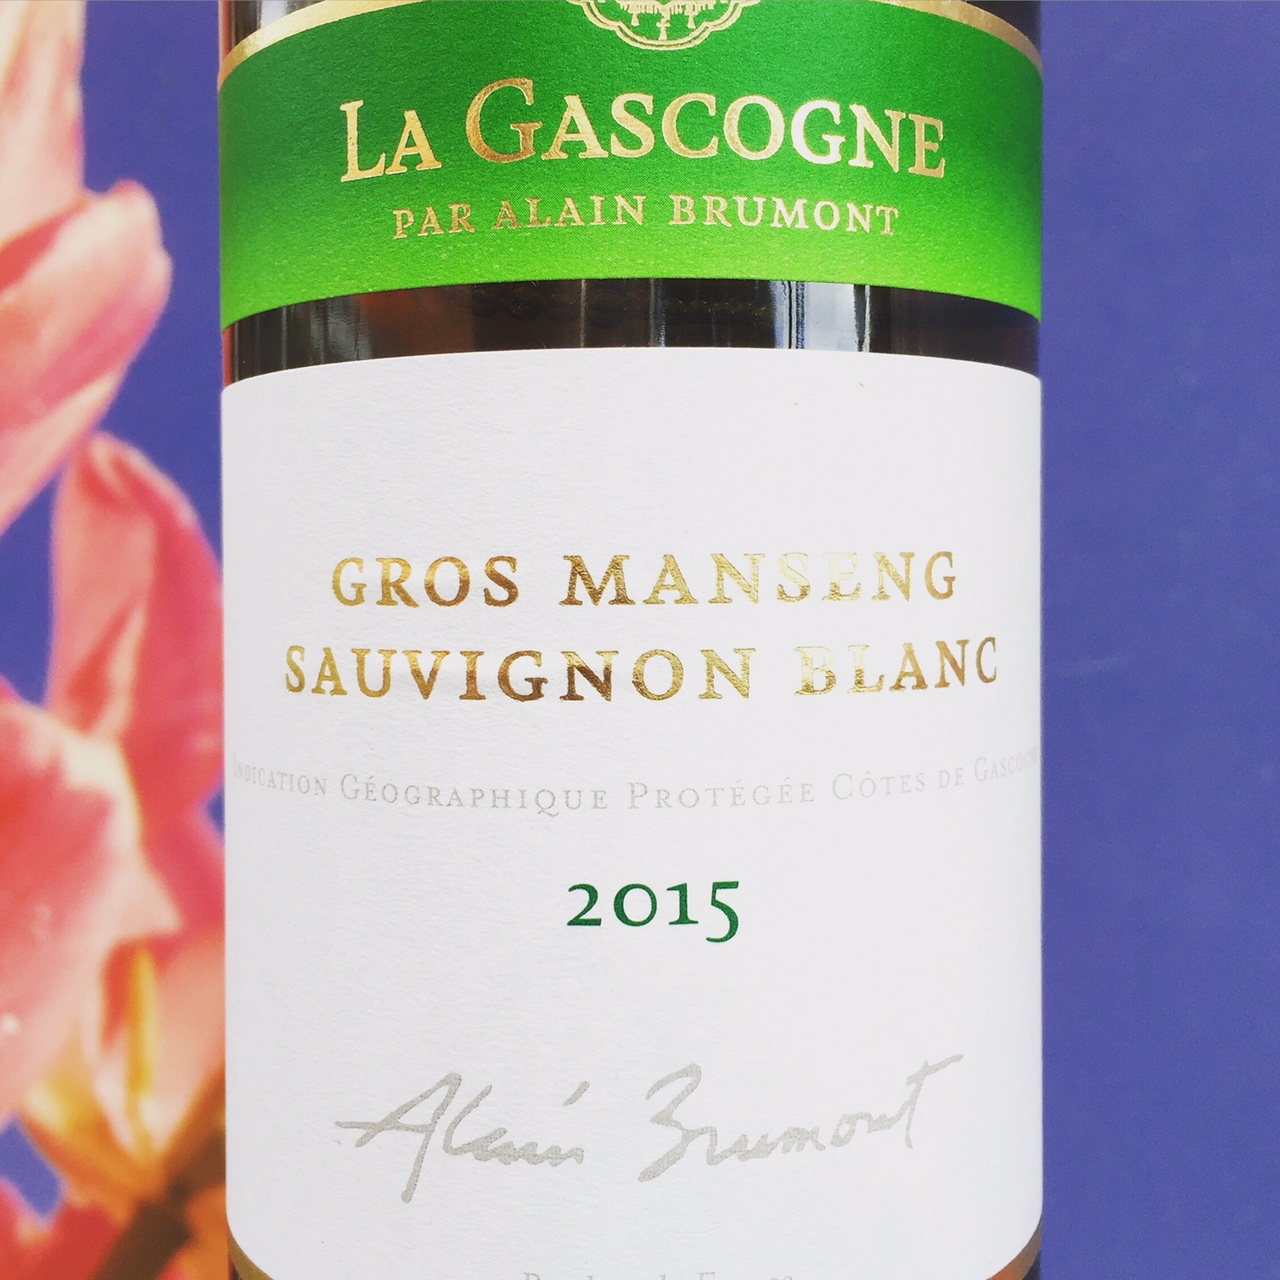 La Gascogne wijnreview door Mama Drinkt Wijn, vinoloog sinds 2006